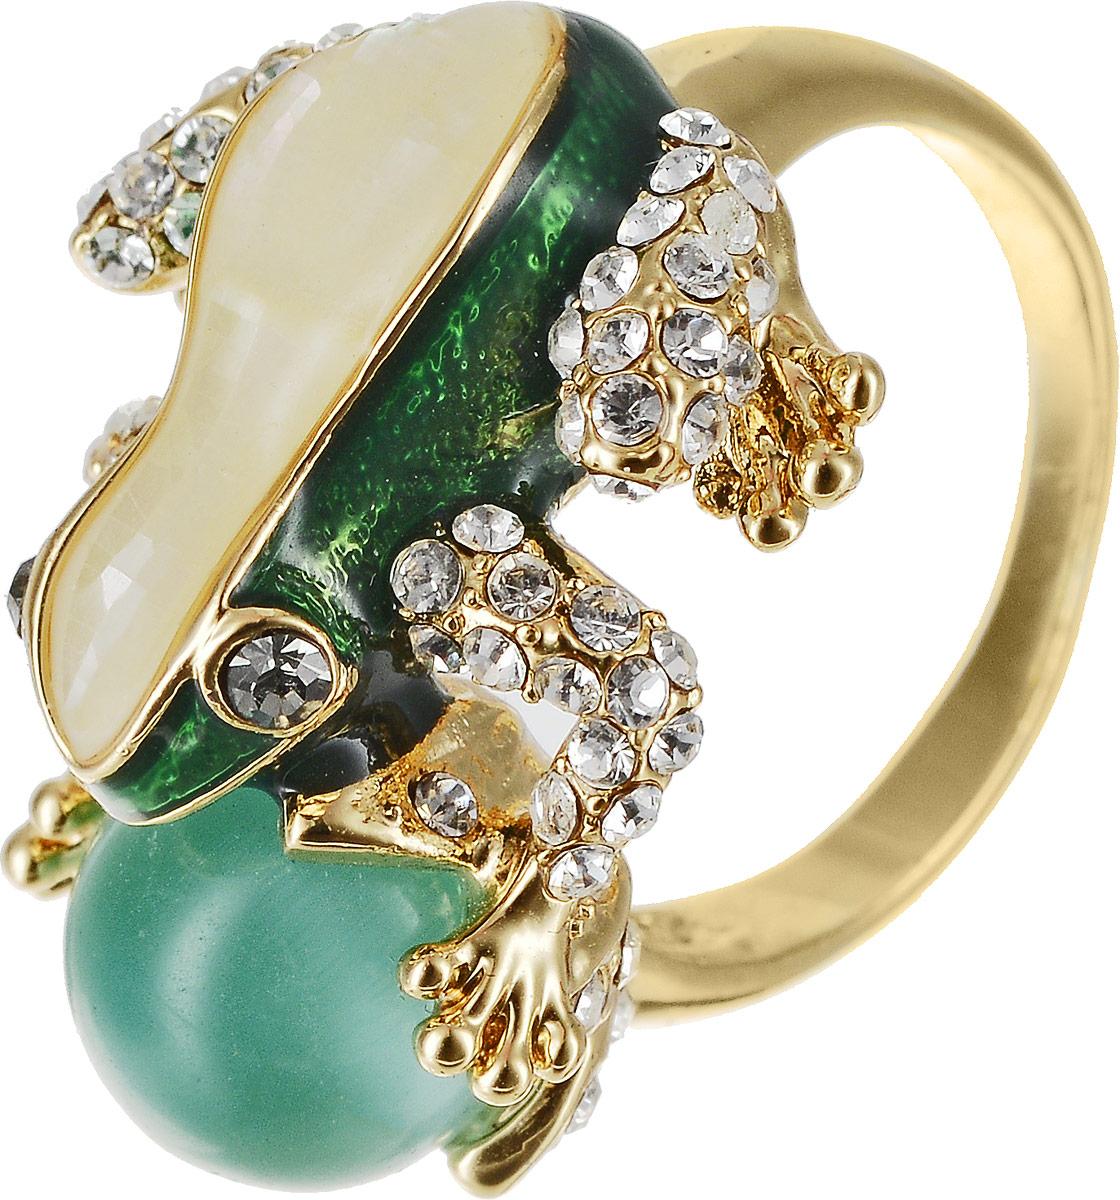 Кольцо Art-Silver, цвет: золотой, зеленый. 055R-1283. Размер 17,5055R-1283Оригинальное кольцо Art-Silver выполнено из бижутерного сплава с гальваническим покрытием. Кольцо украшено декоративными вставками. Элегантное кольцо Art-Silver превосходно дополнит ваш образ и подчеркнет отменное чувство стиля своей обладательницы.